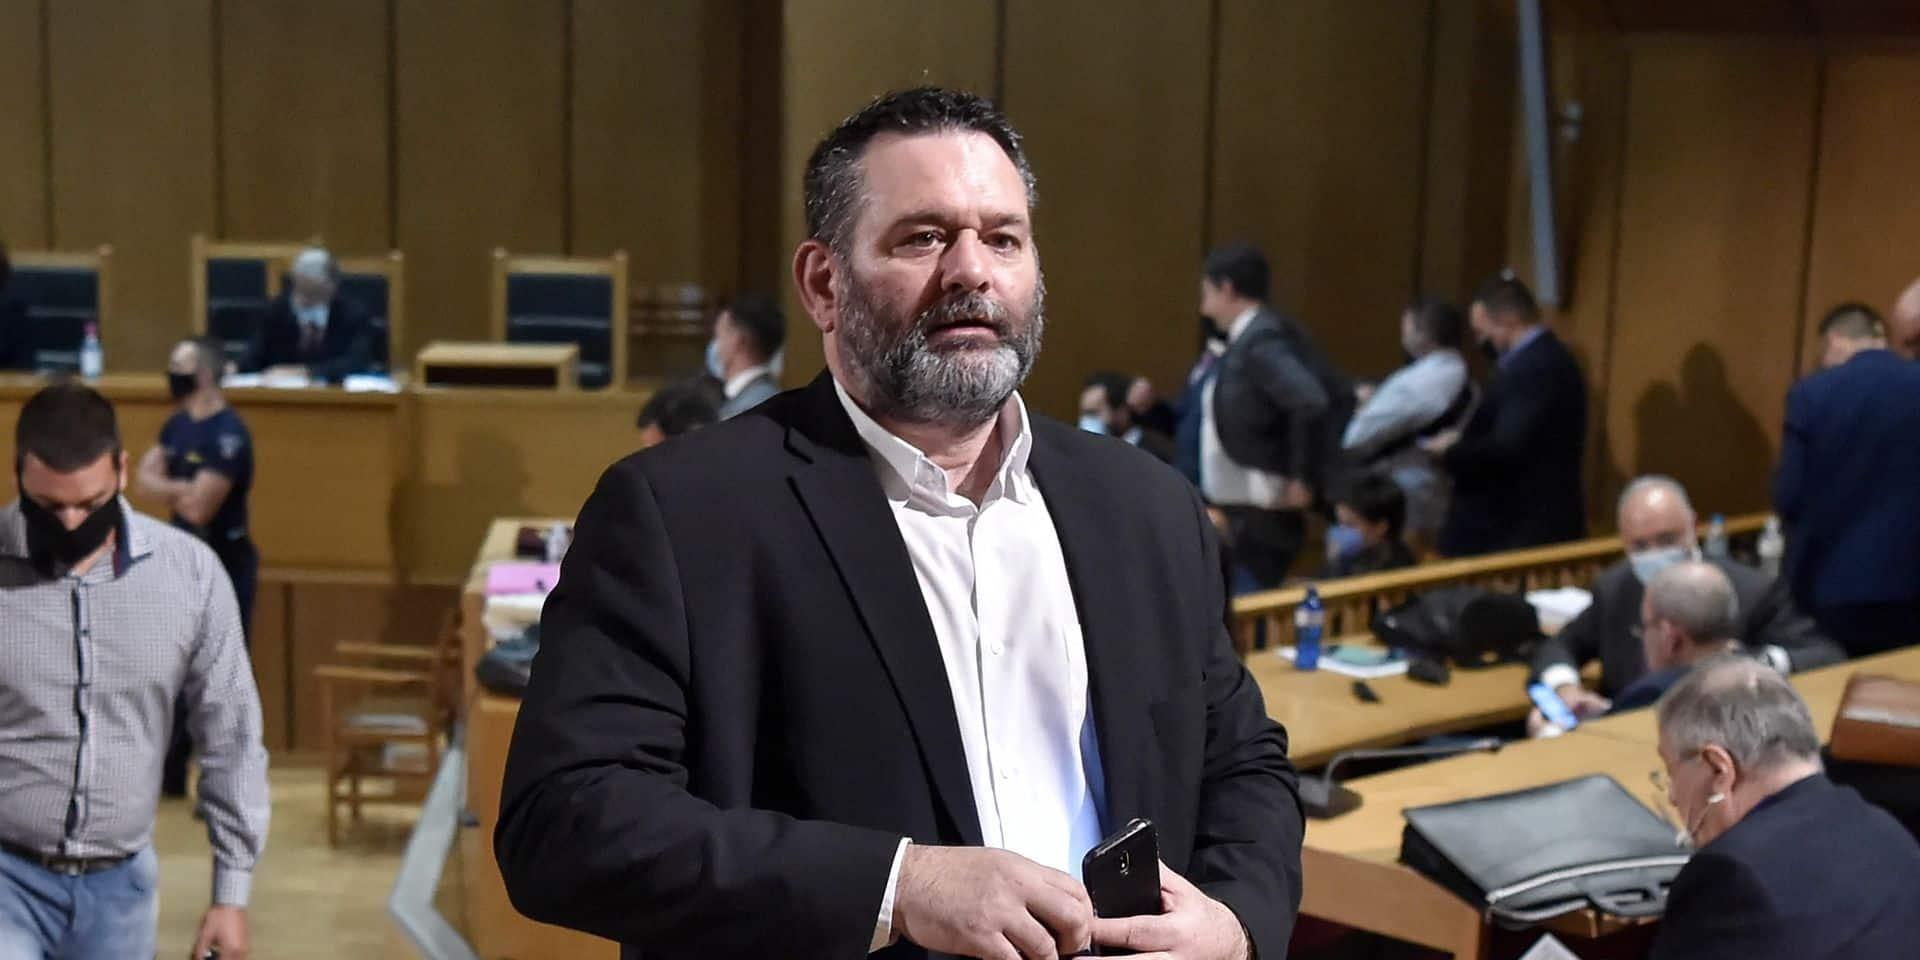 Visé par un mandat d'arrêt international, un eurodéputé grec d'extrême droite arrêté à Bruxelles